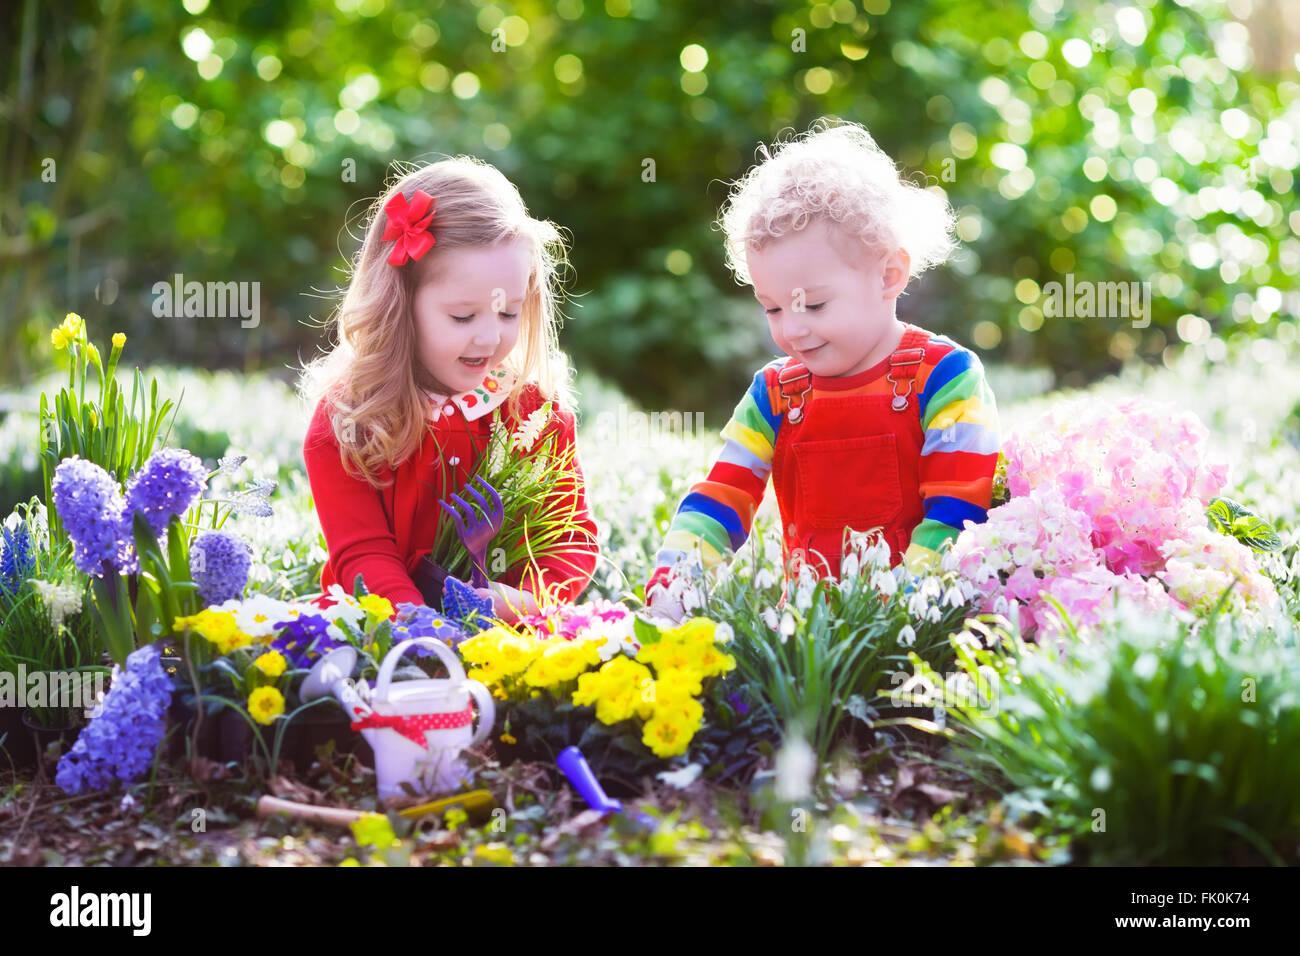 kinder pflanzen fr hlingsblumen im sonnigen garten kleine jungen und m dchen g rtner pflanze. Black Bedroom Furniture Sets. Home Design Ideas